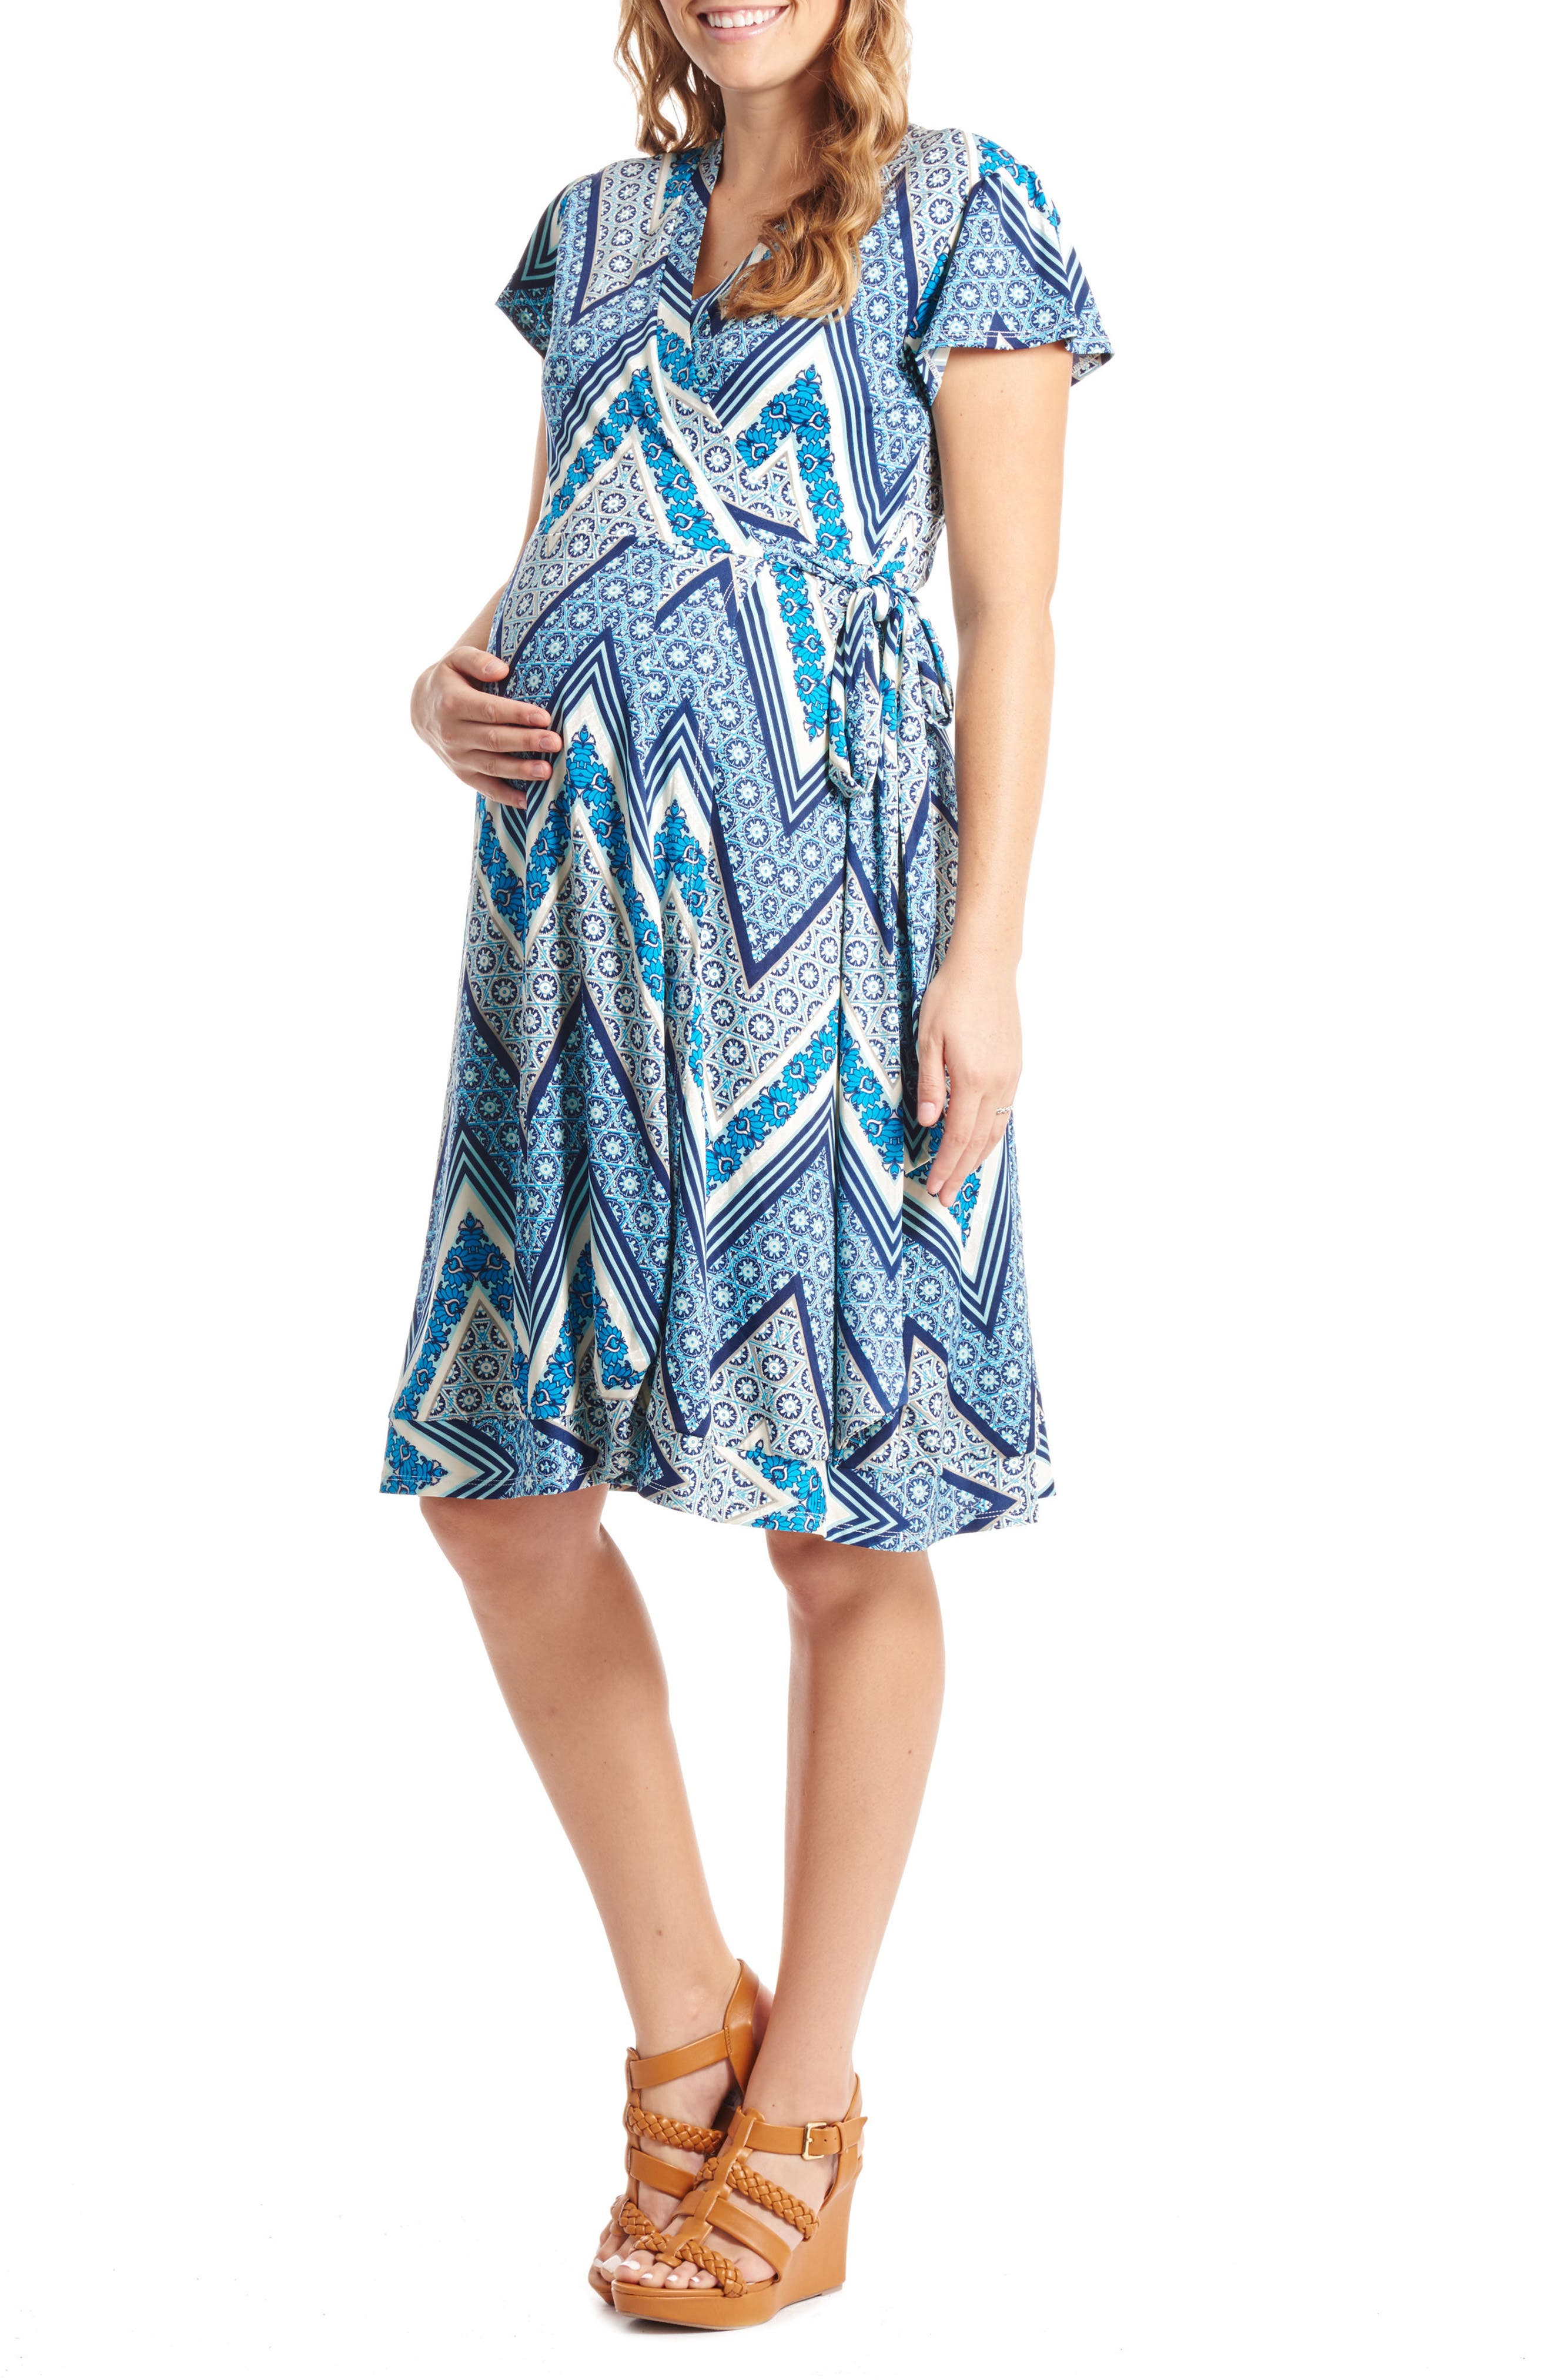 Main Image - Everly Grey 'Kathy' Maternity/Nursing Wrap Dress